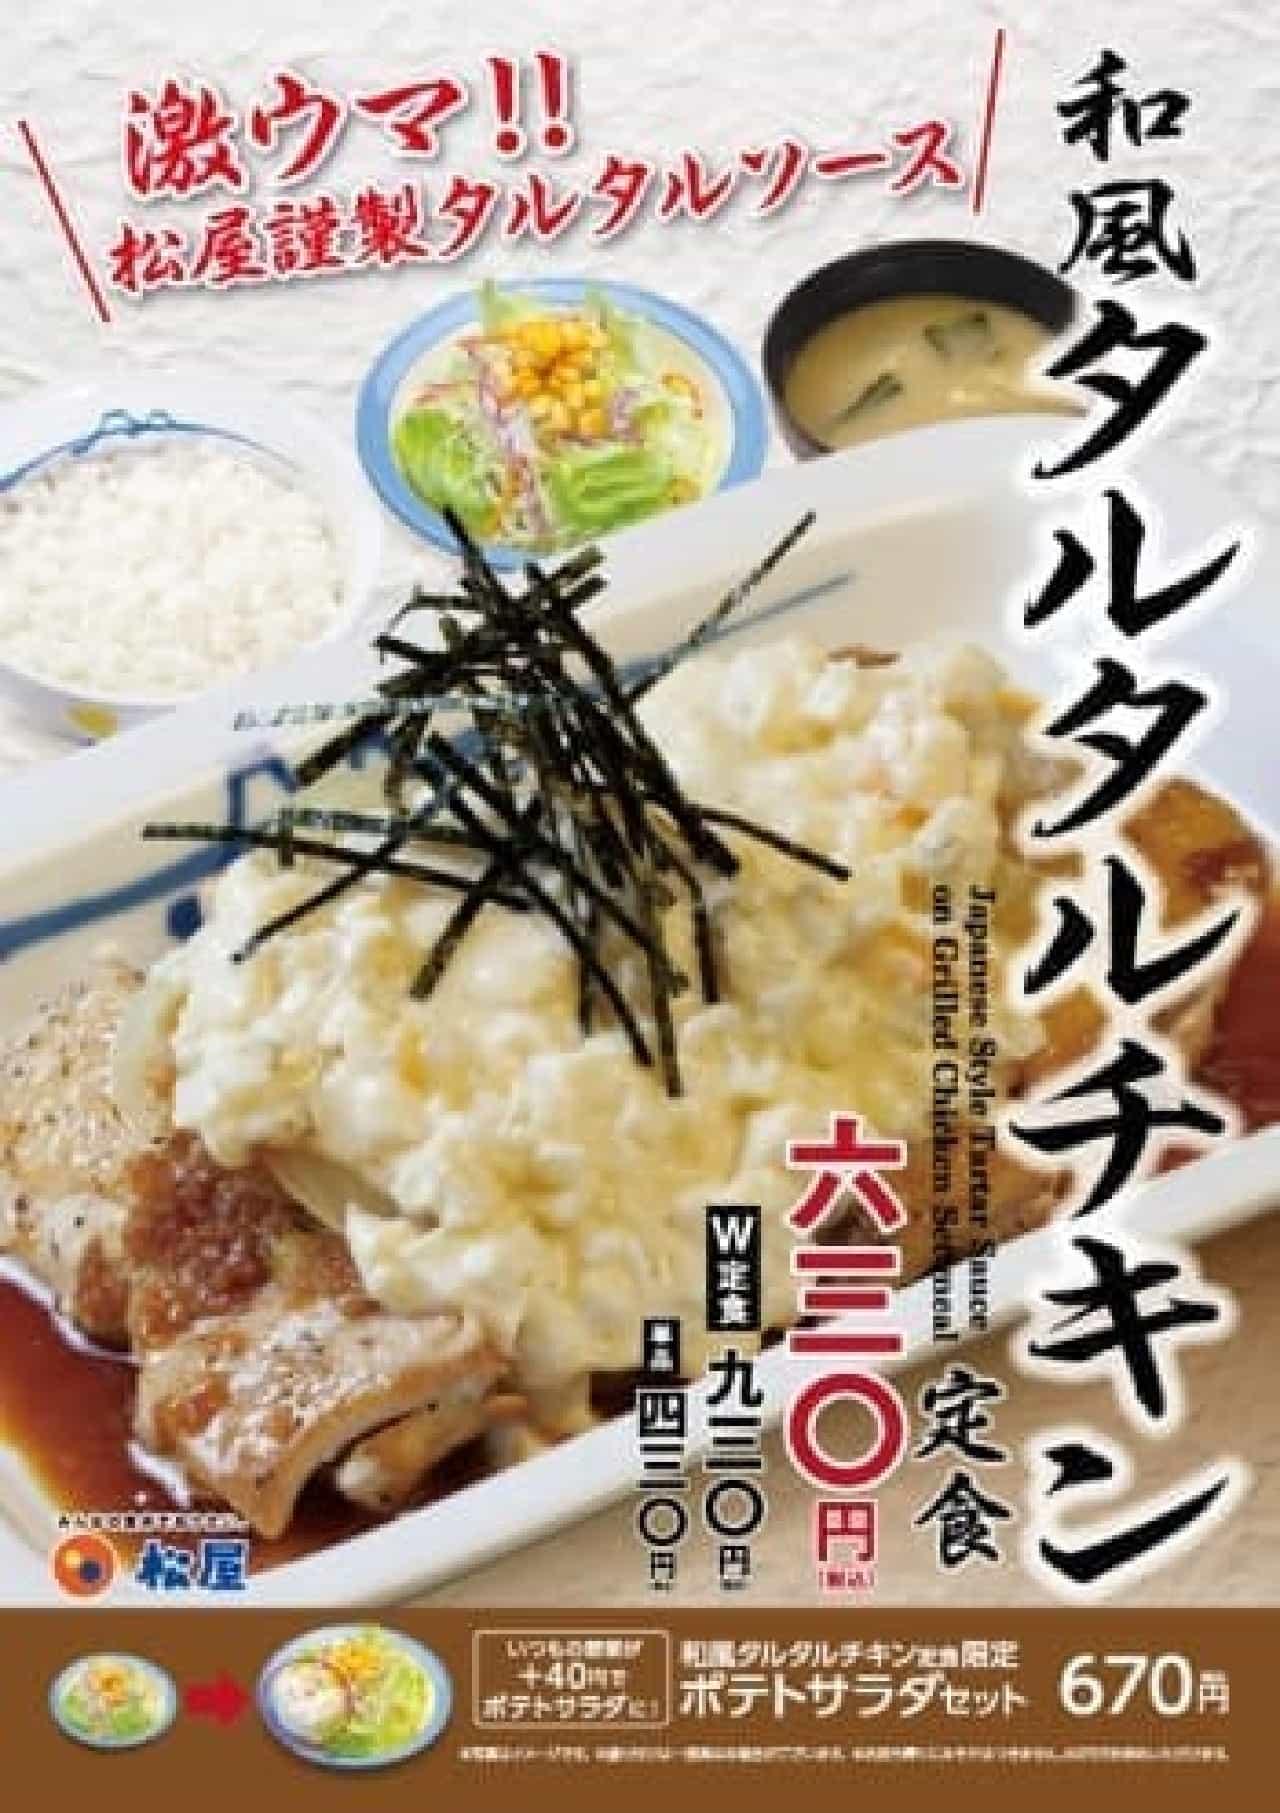 松屋「和風タルタルチキン定食」